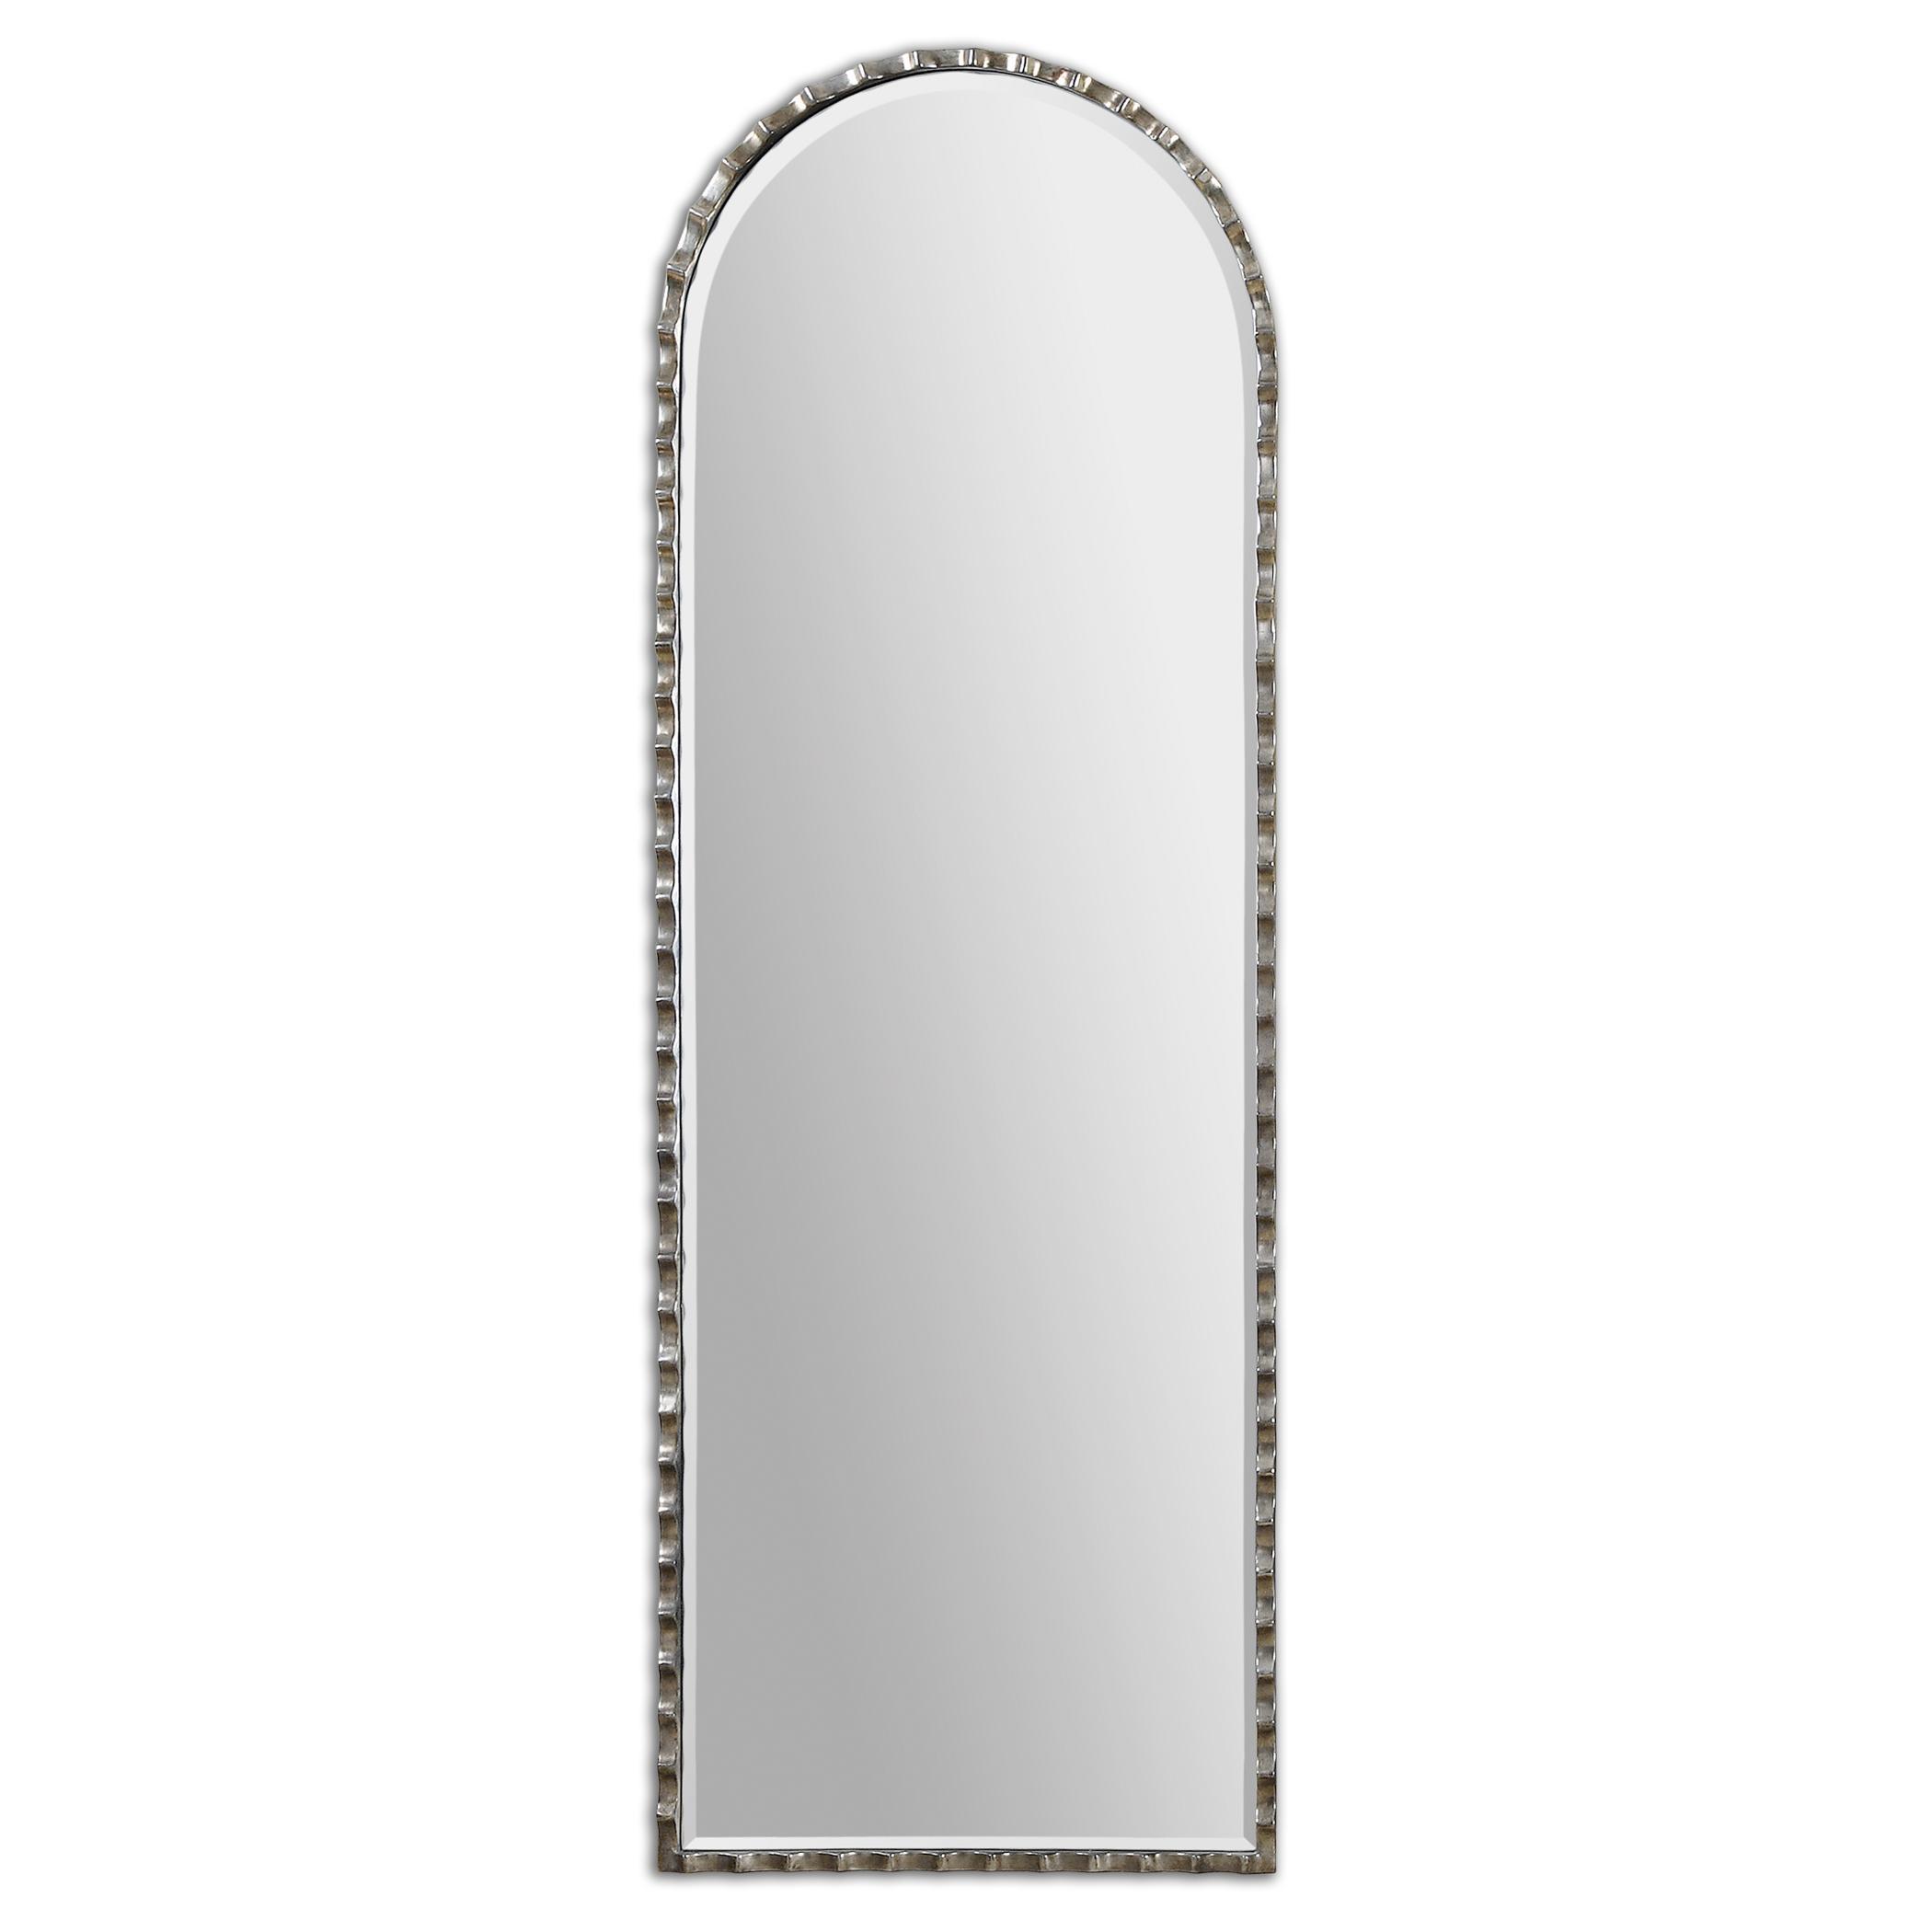 Uttermost Mirrors Gelston Arch Silver Mirror - Item Number: 12881